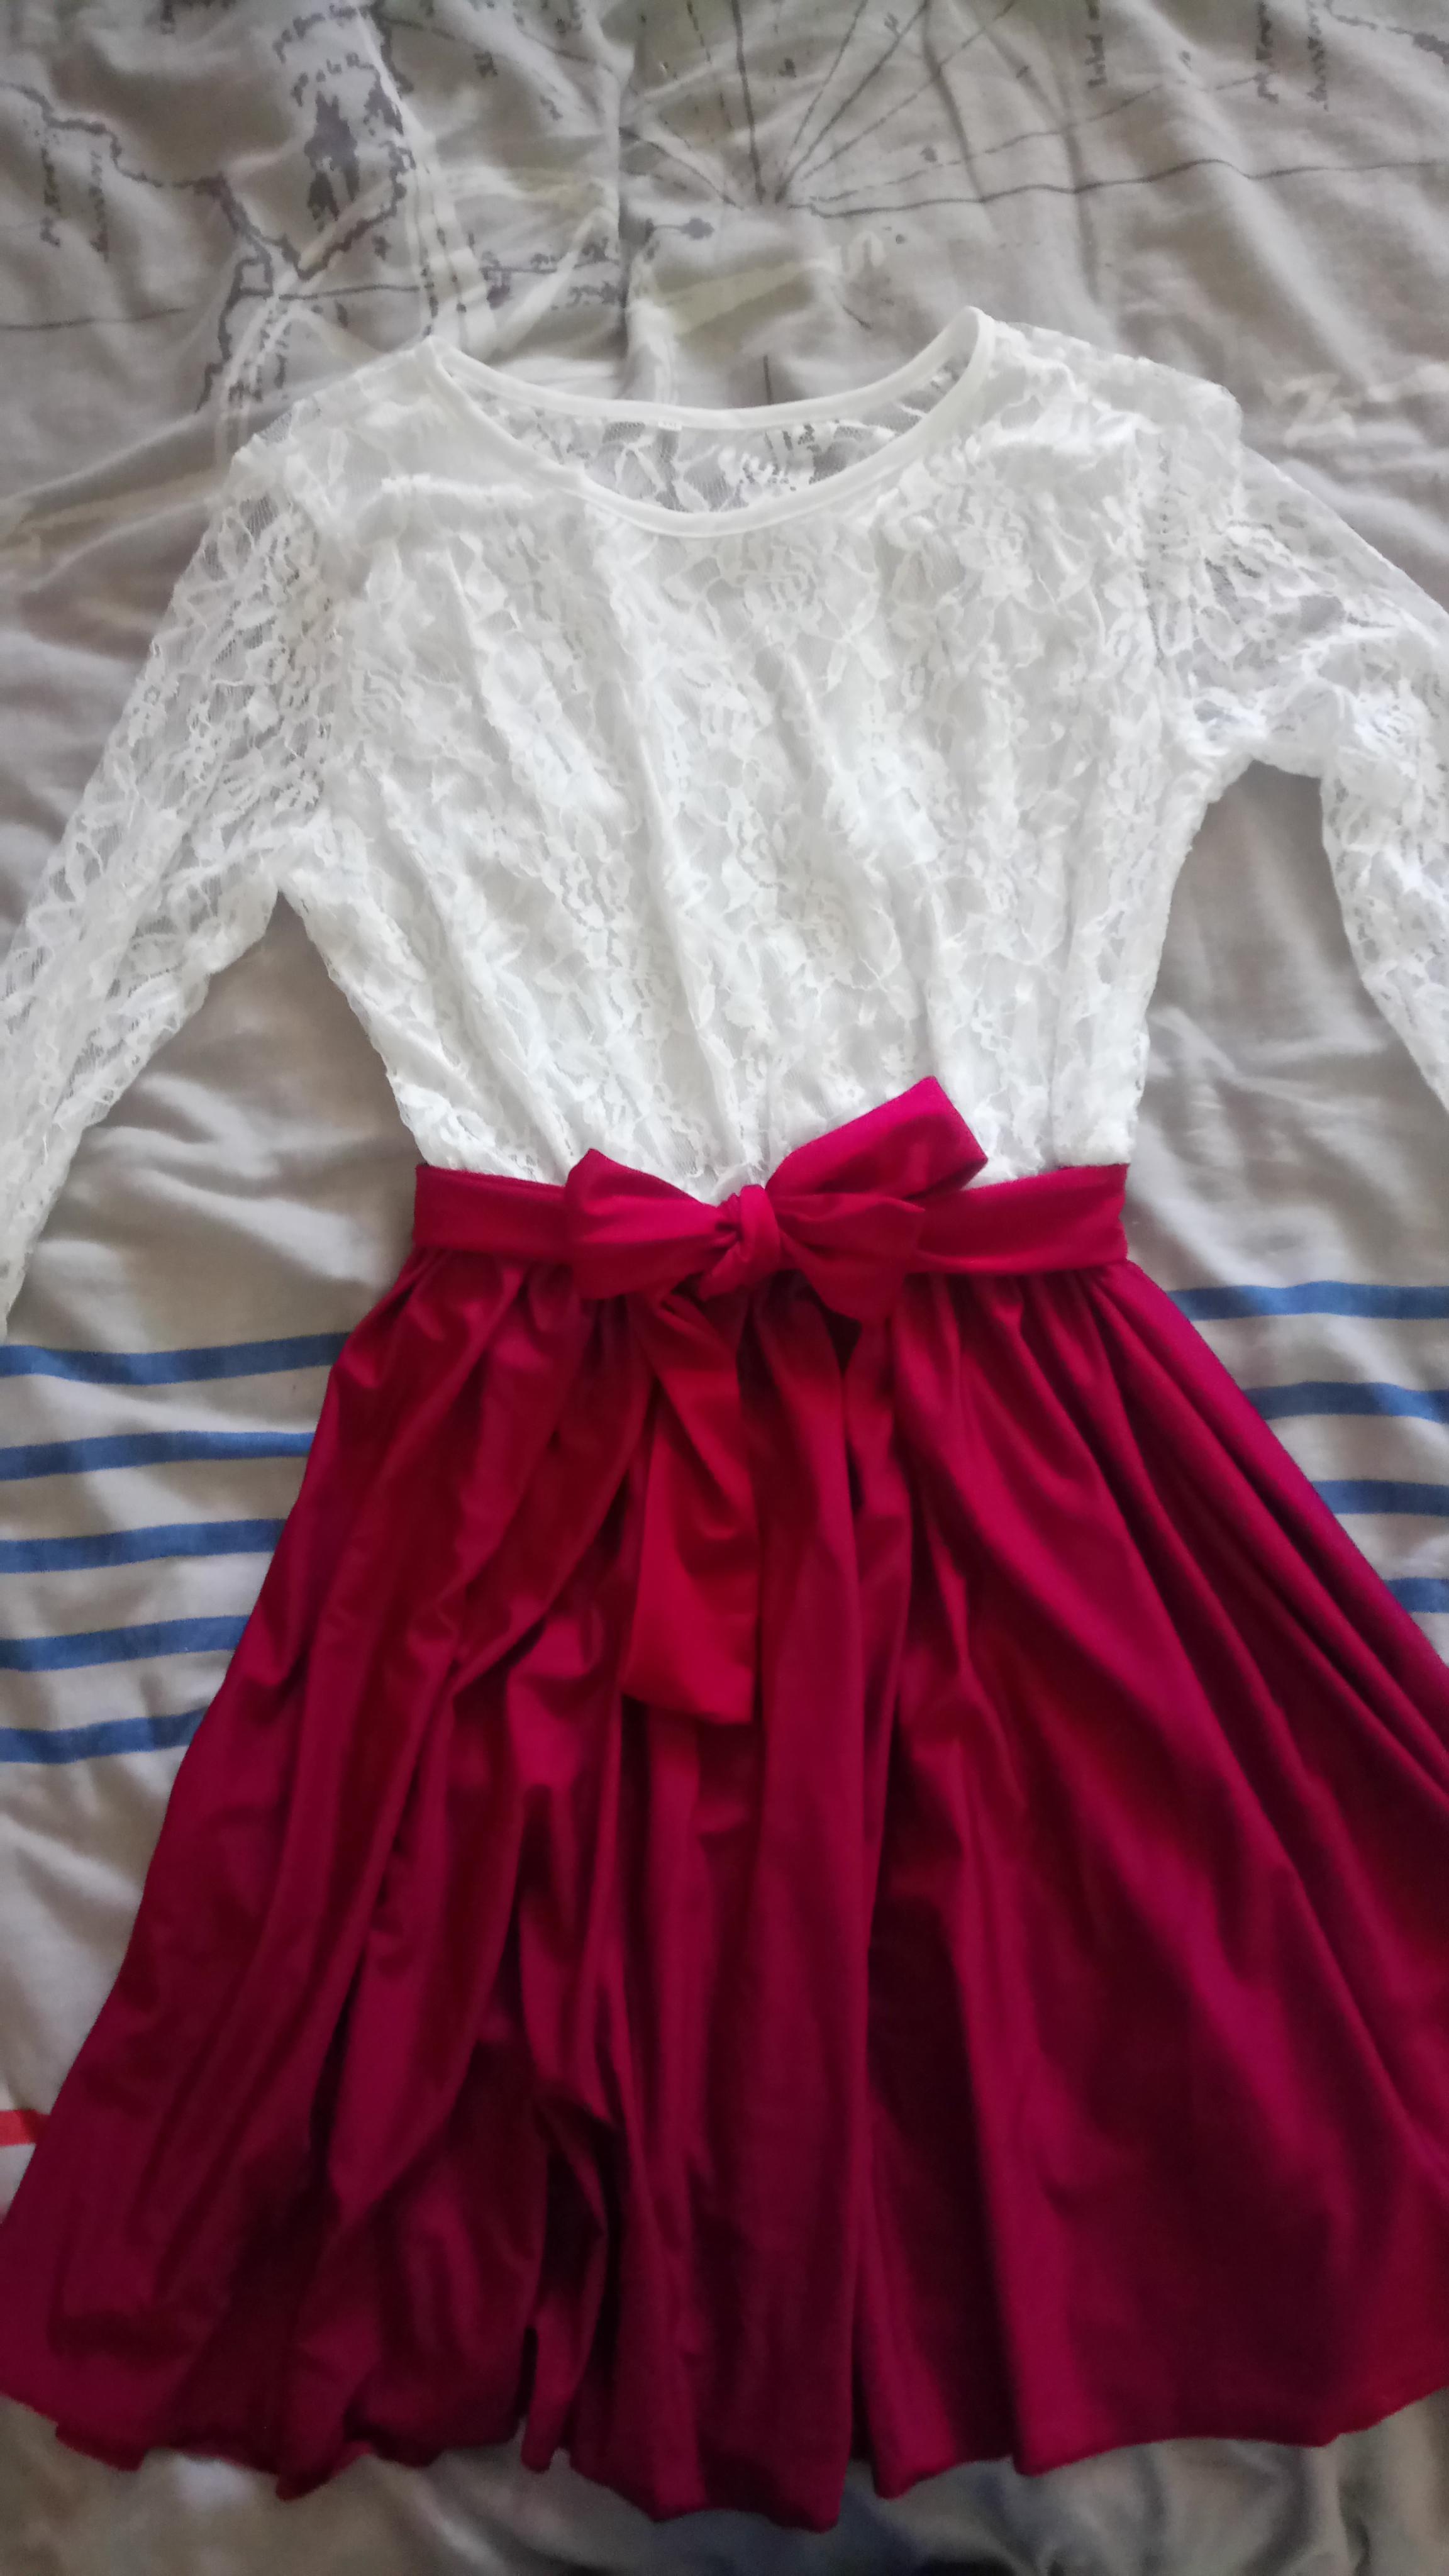 troc de troc robe neuve blanche rouge t38 image 0